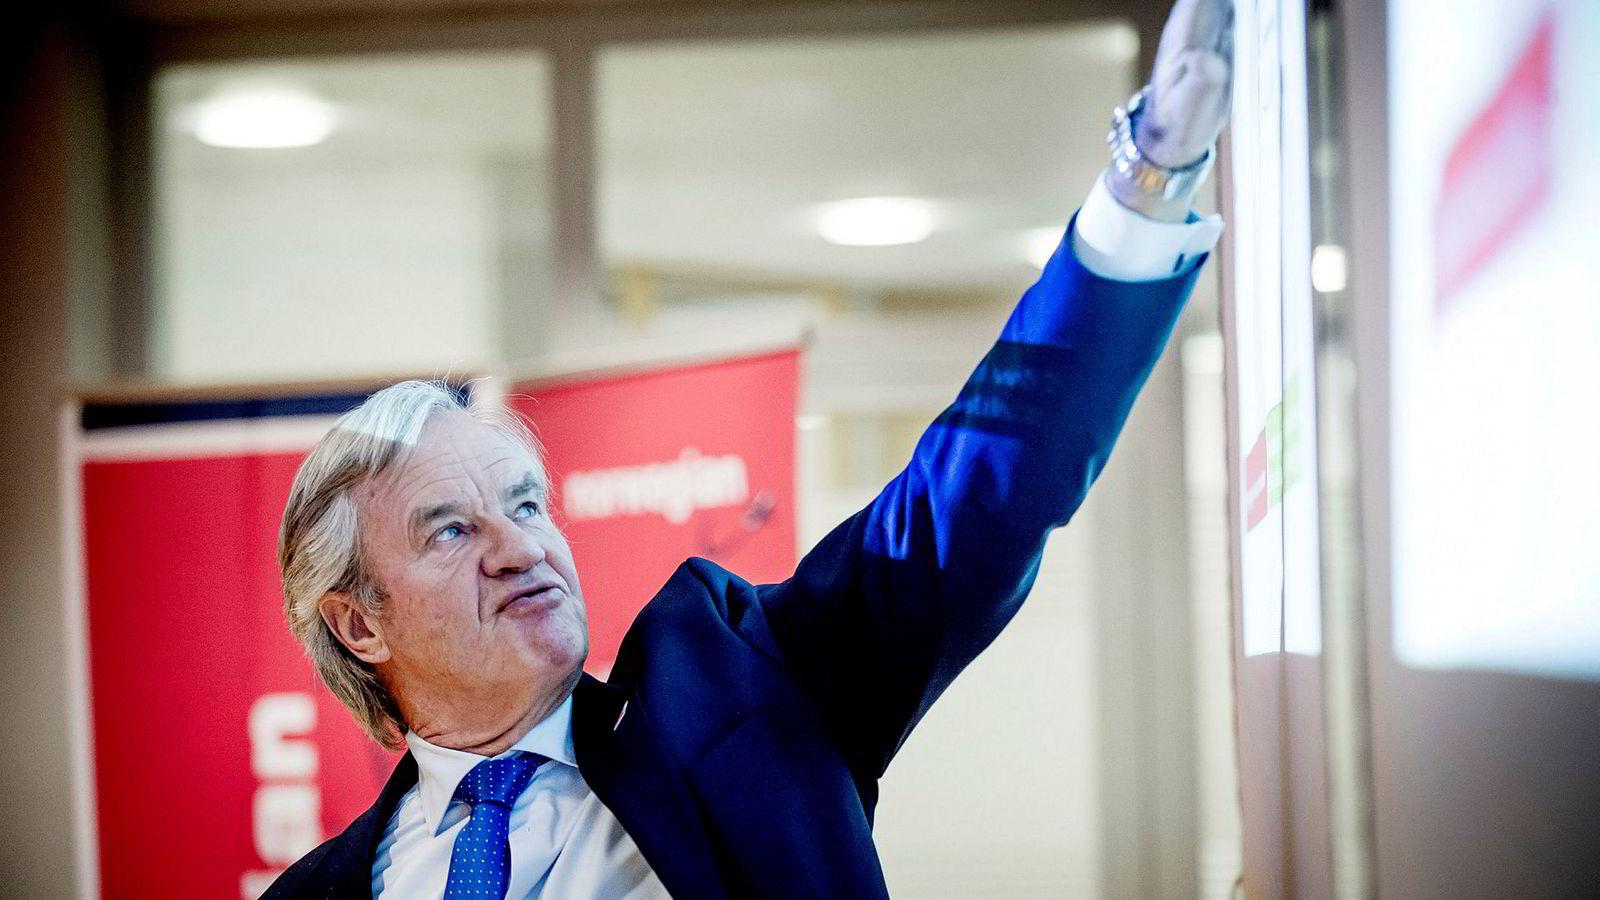 Norwegian-sjef Bjørn Kjos kan komme til å gi slipp på aksjene selv om han har sagt at han ikke ønsker å selge.